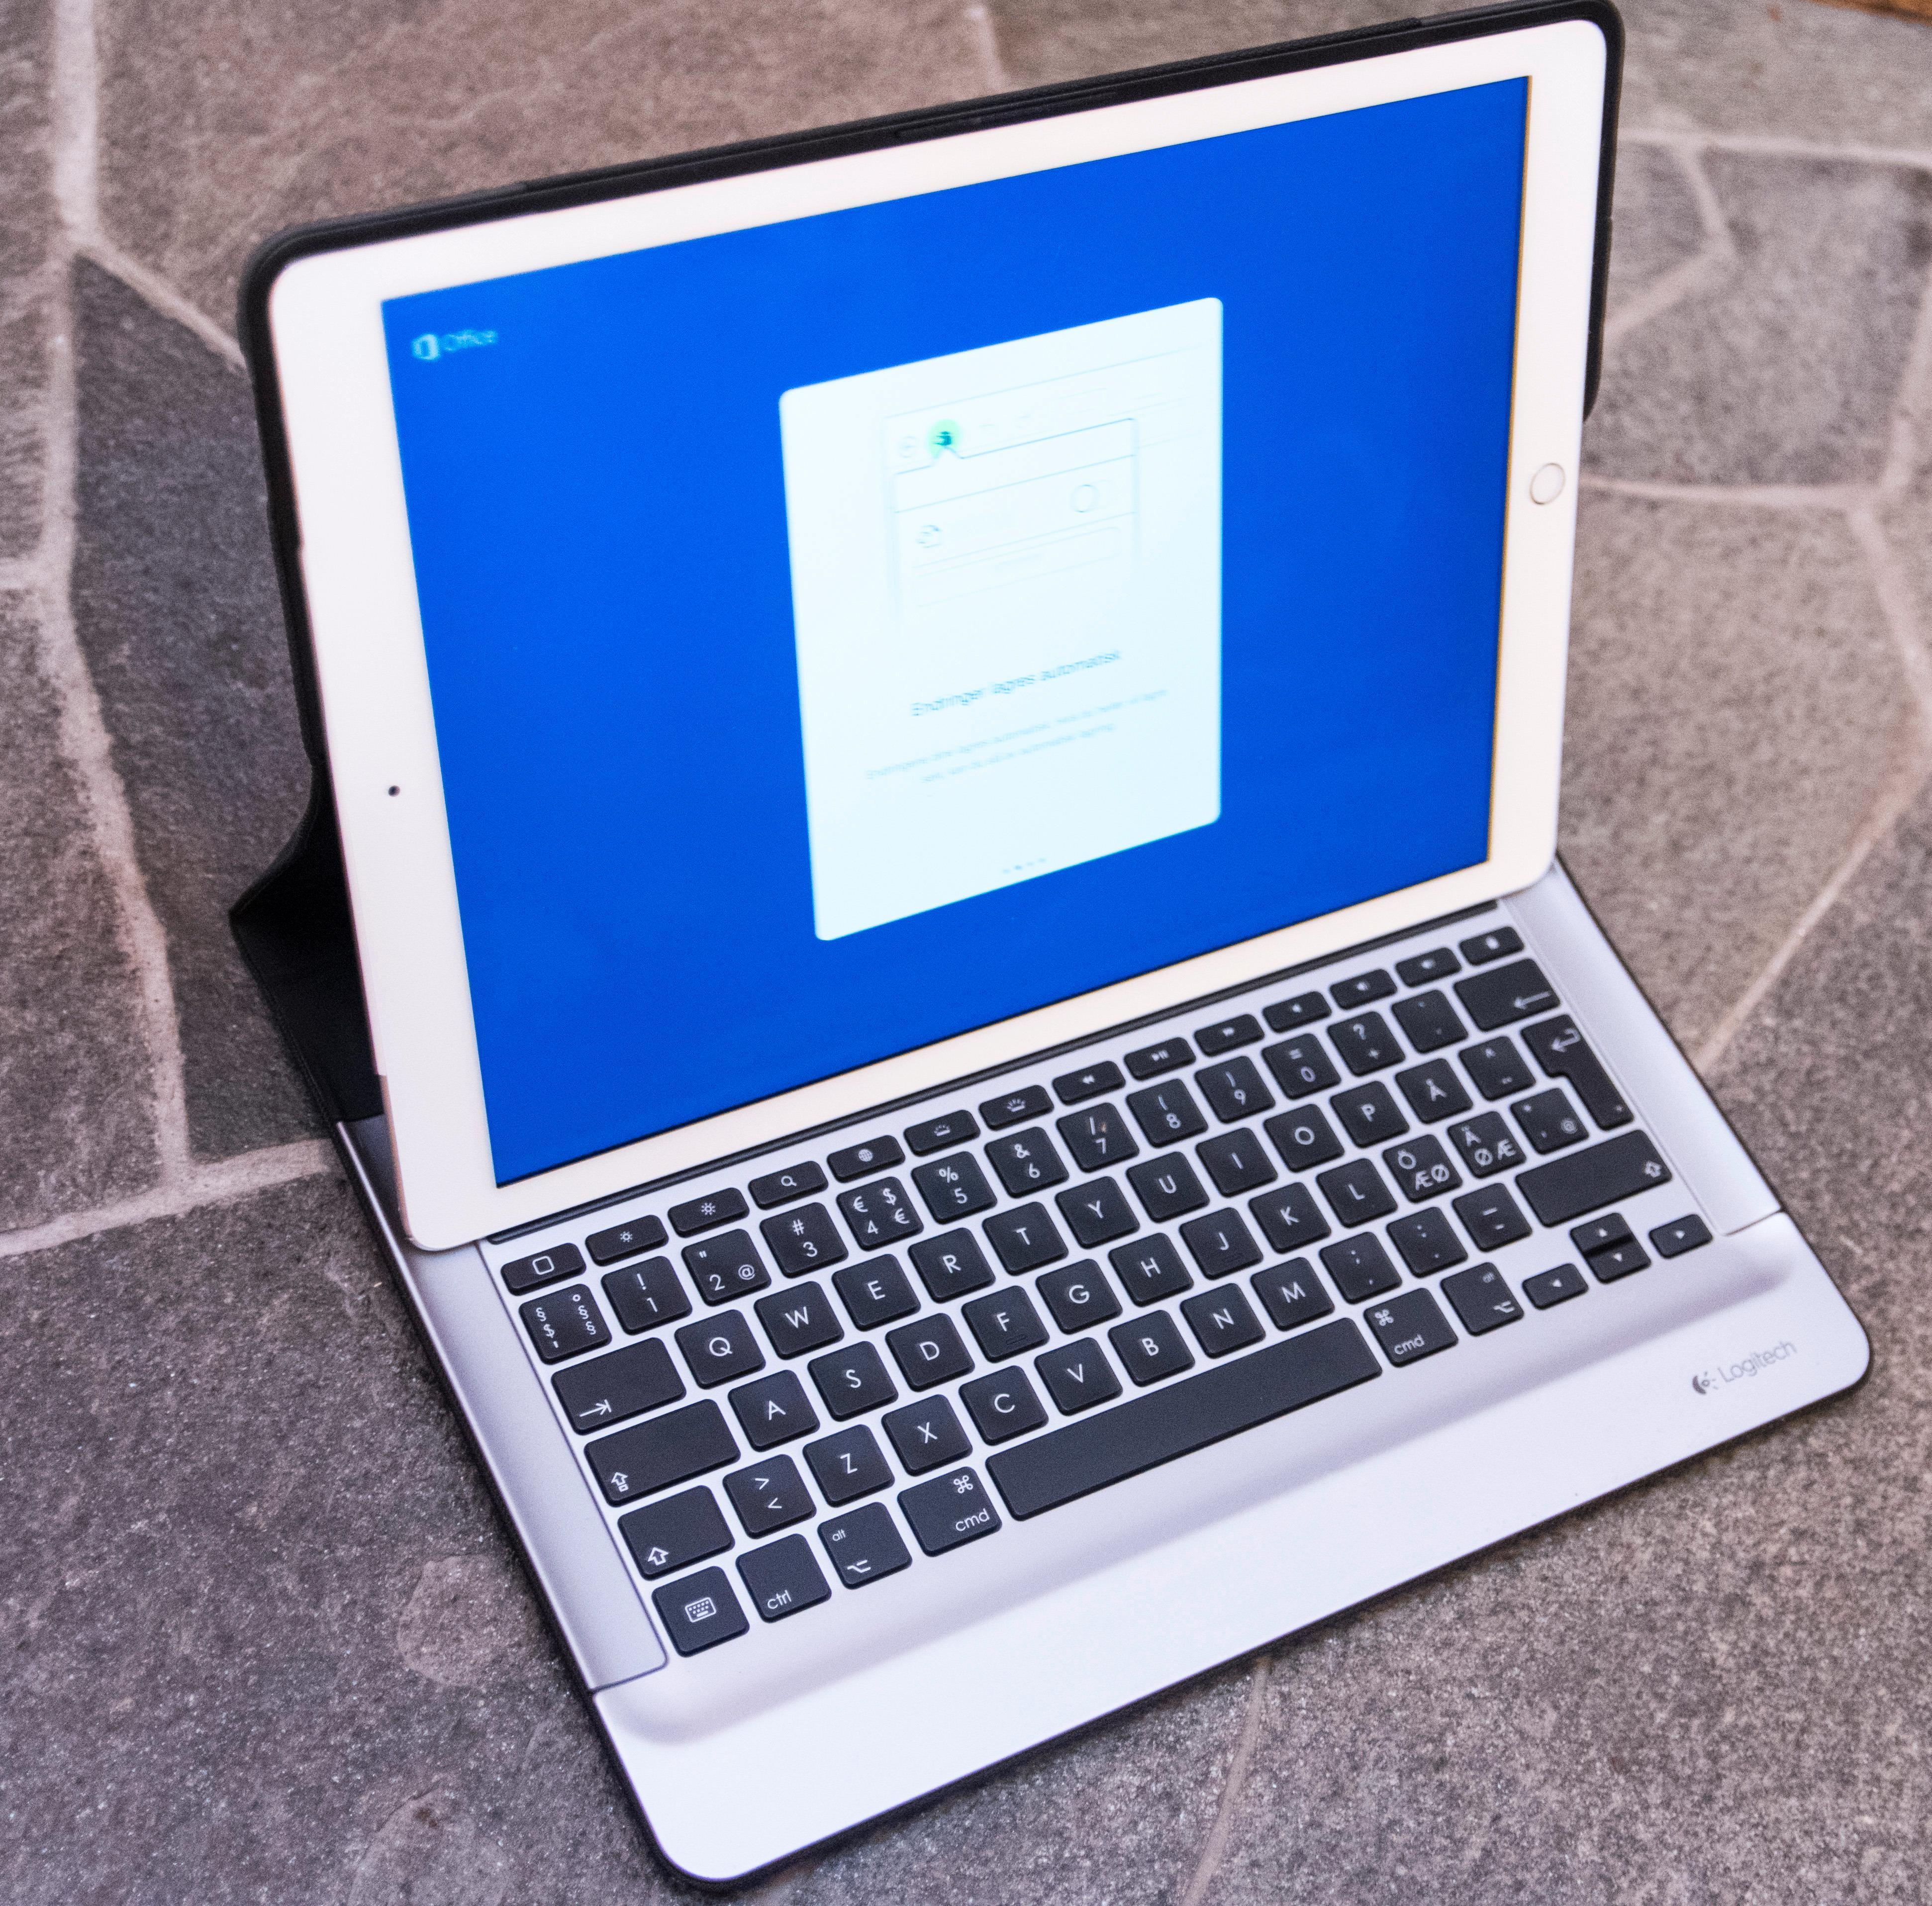 Logitech Create er foreløpig eneste tastaturløsning som likner på Apples egen for iPad Pro. Den er vesentlig tyngre, men herlig å skrive på. Apples tastaturdeksel selges foreløpig ikke utenfor USA. Foto: Finn Jarle Kvalheim, Tek.no